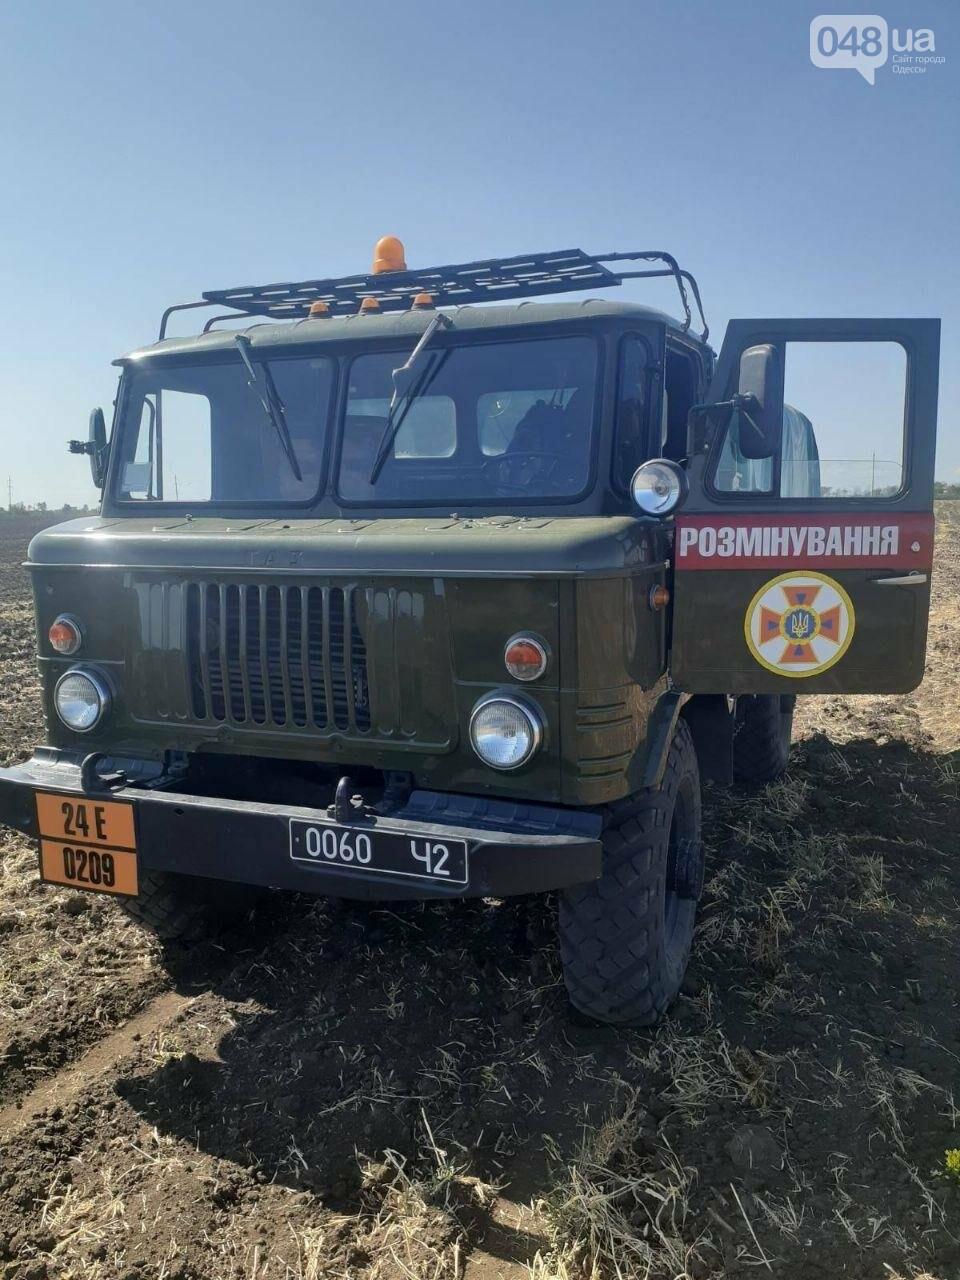 В Одесской области обнаружили авиационную бомбу времен ВОВ, - ФОТО2